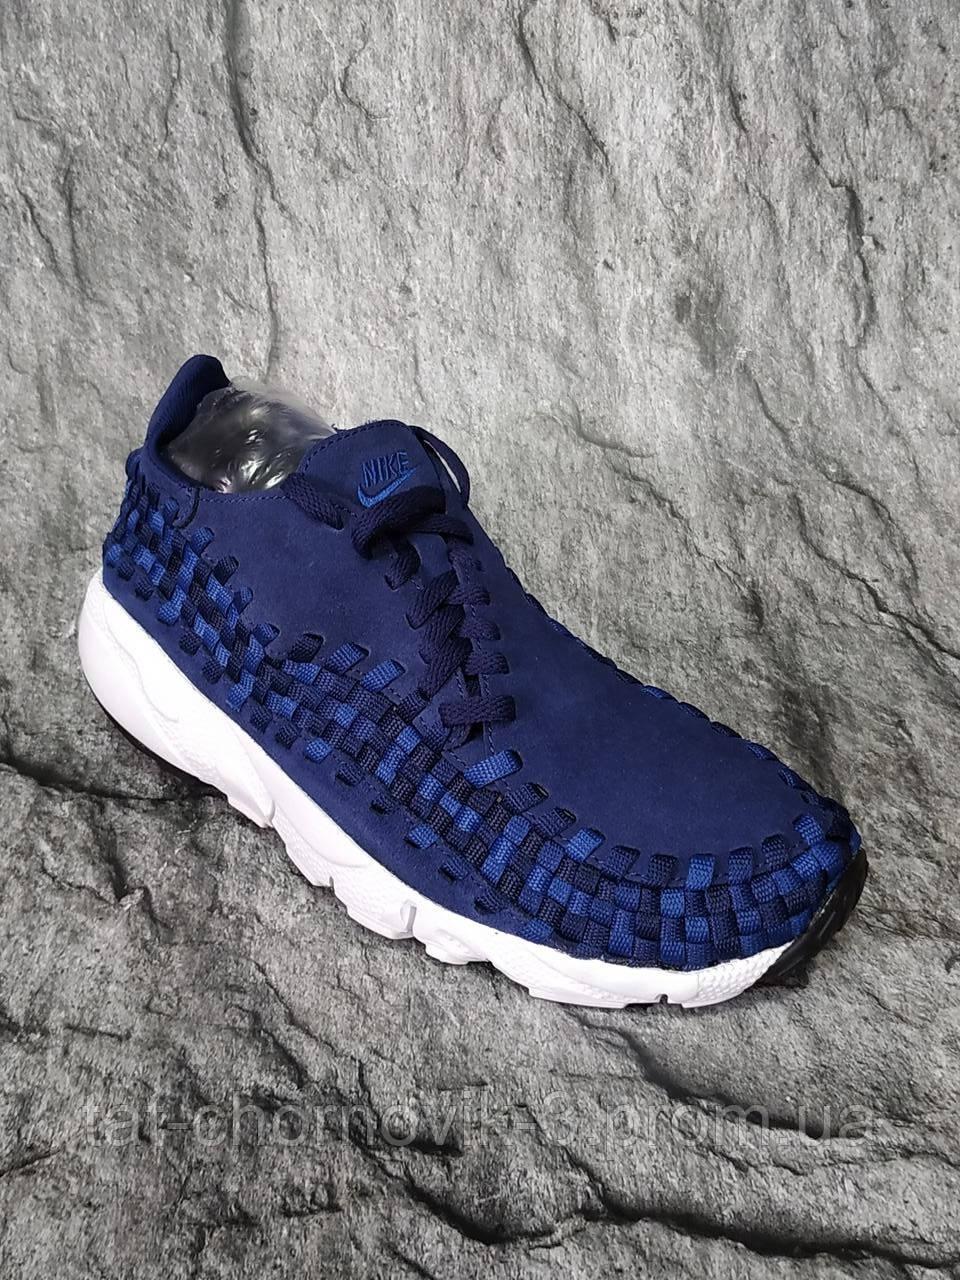 Nike Air Footscape Woven NM Binary Blue